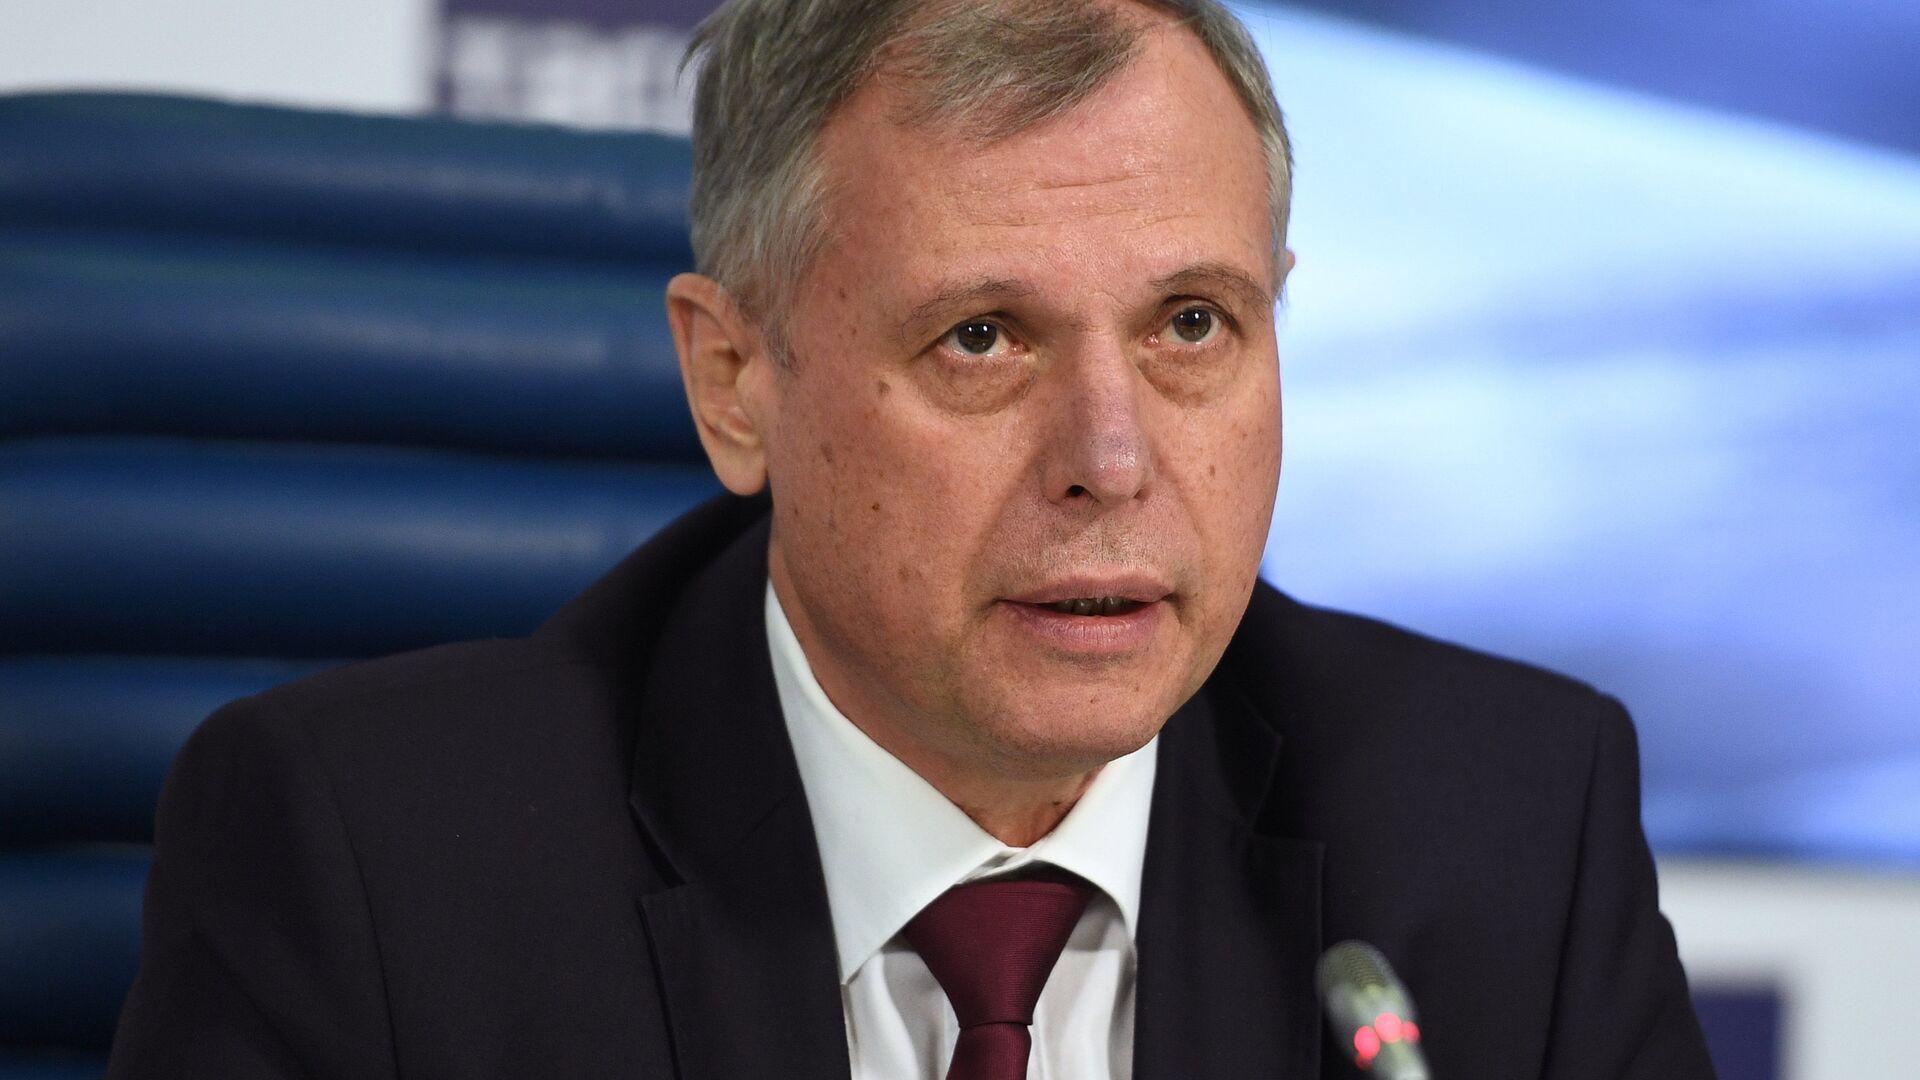 Путин назначил врио главы МЧС генерал-полковника Чуприяна